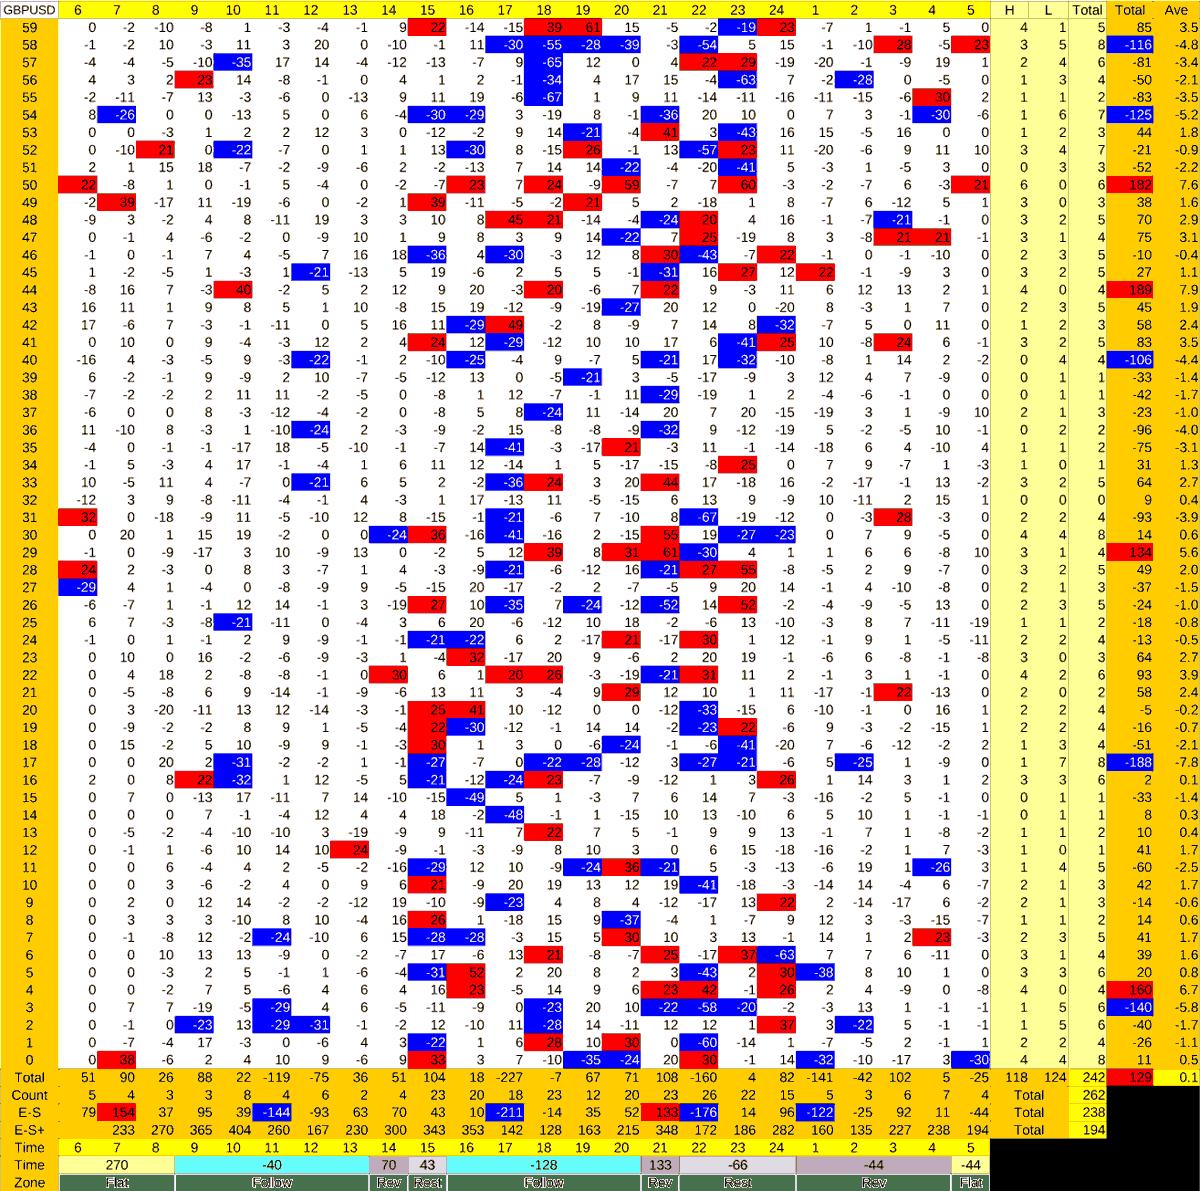 20210429_HS(2)GBPUSD